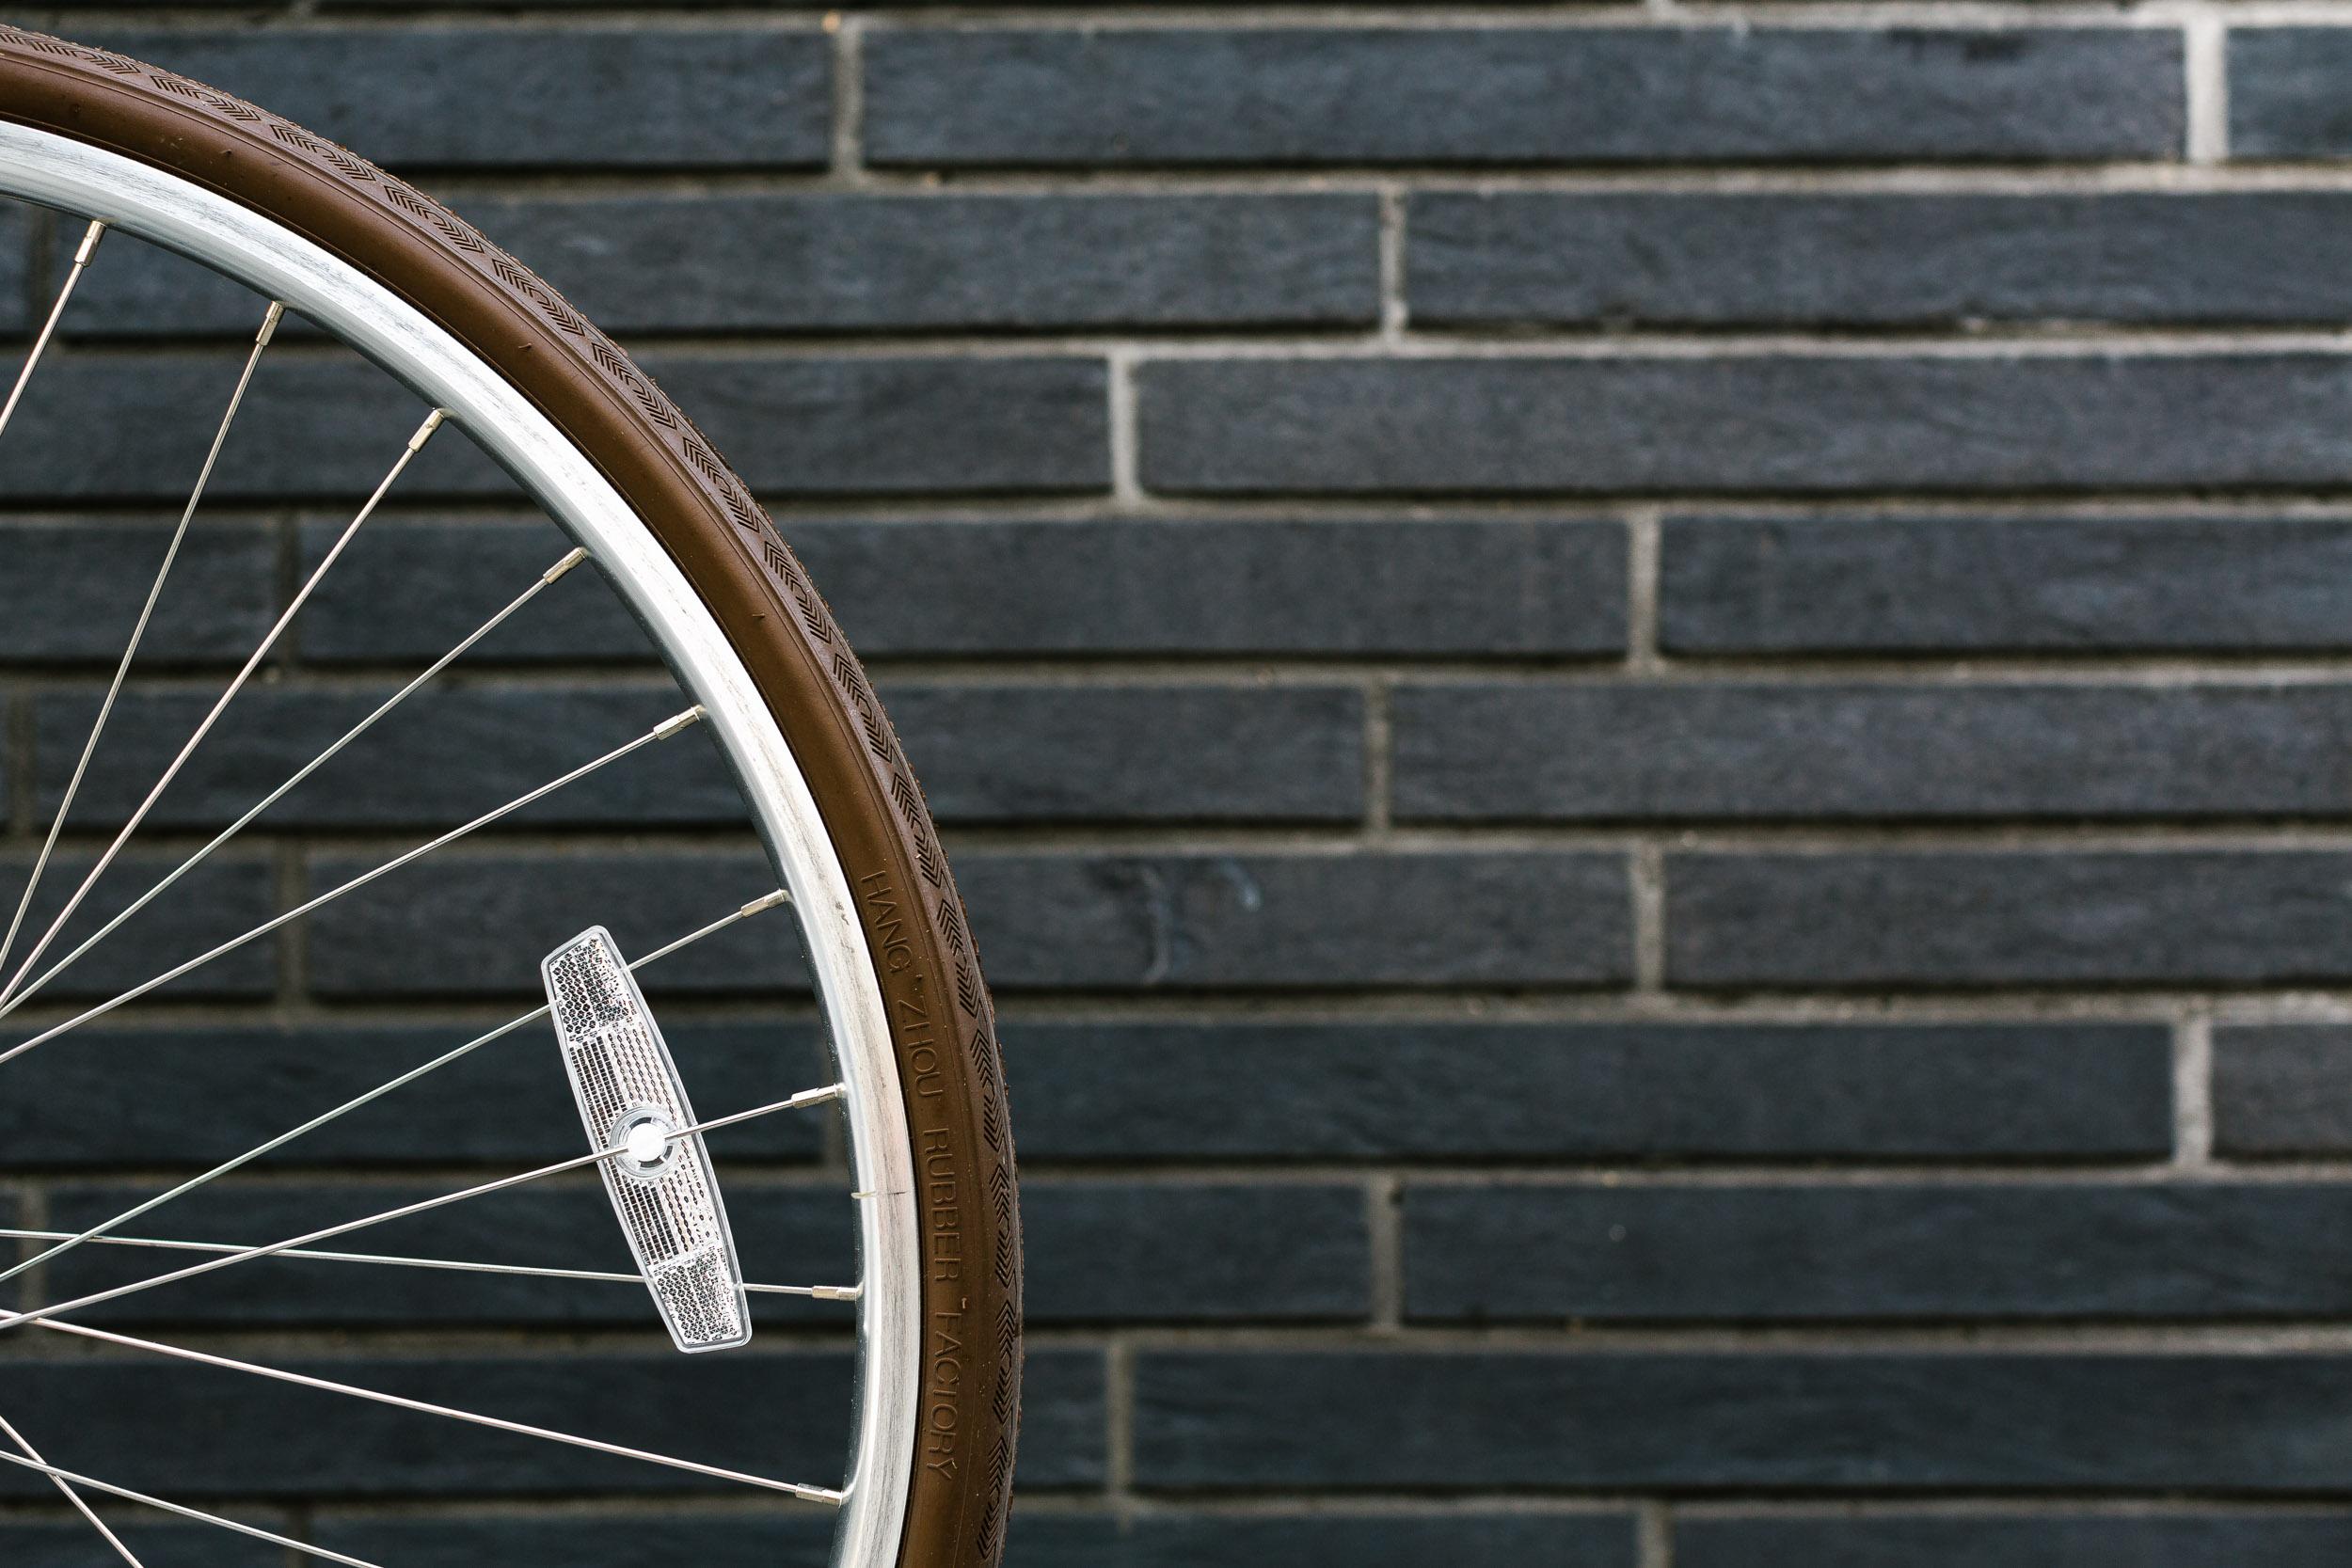 Cereal_Magazine-Bristol-Bike-Finn_Beales-7.jpg